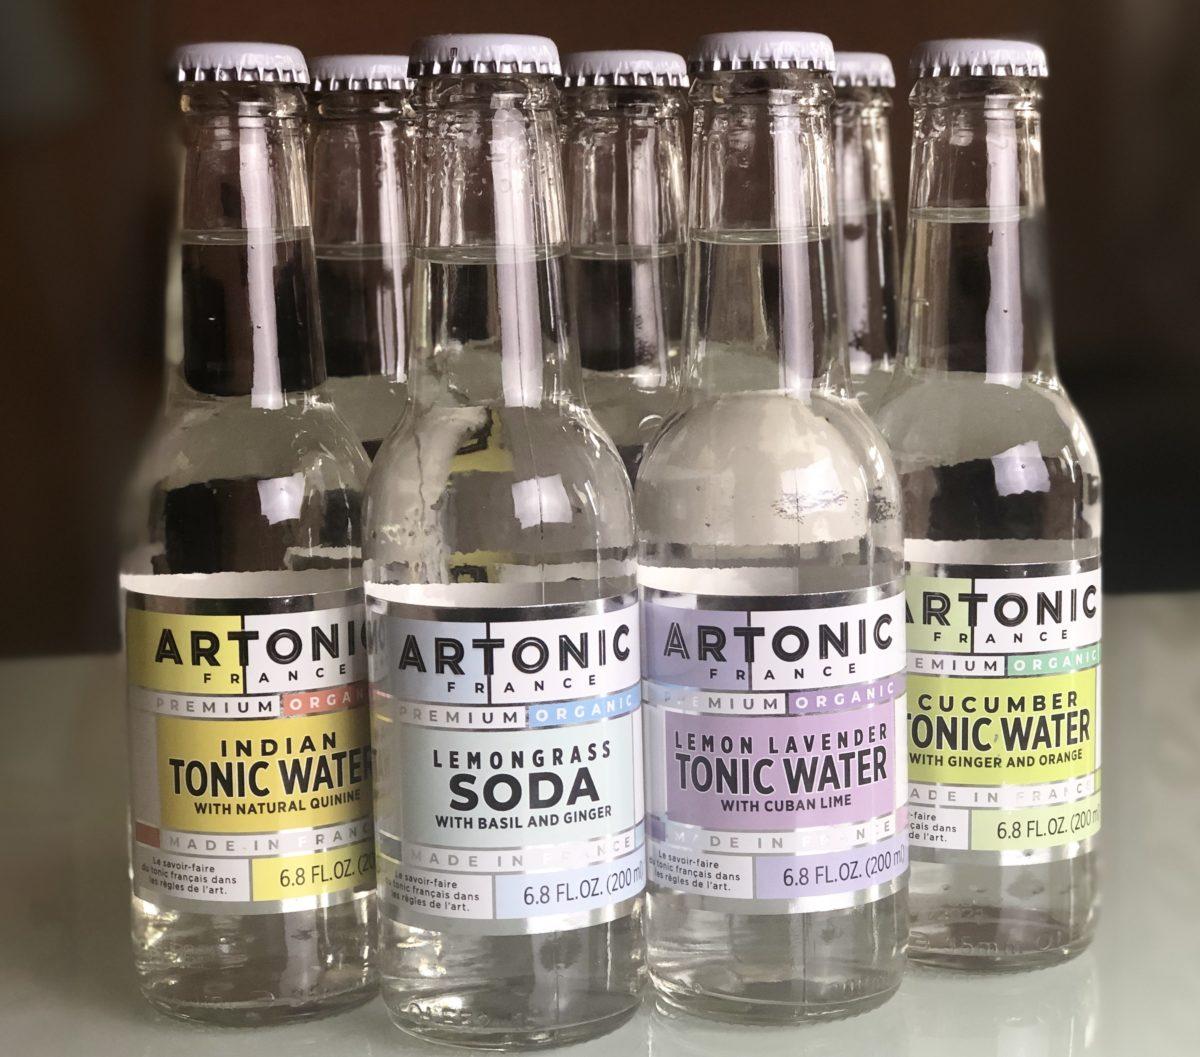 la gamme Artonic des mixers premium français